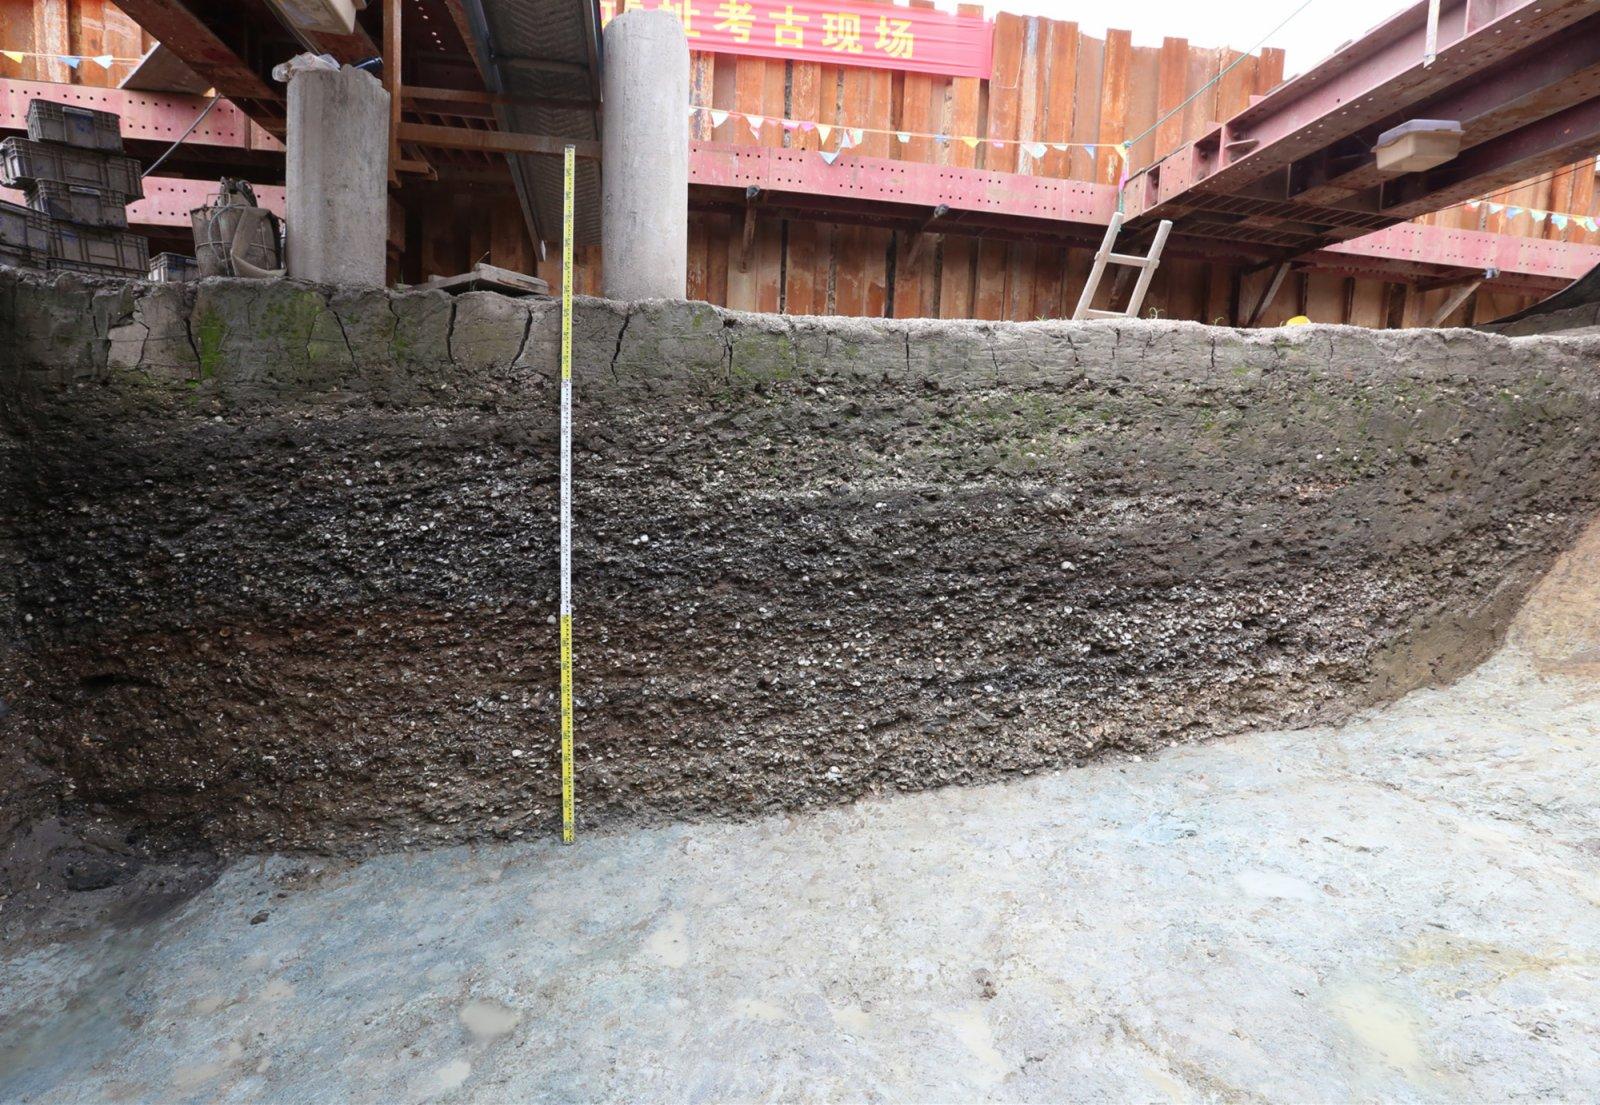 浙江寧波餘姚井頭山遺址以貝殼為主要包含物的文化堆積(資料照片)。